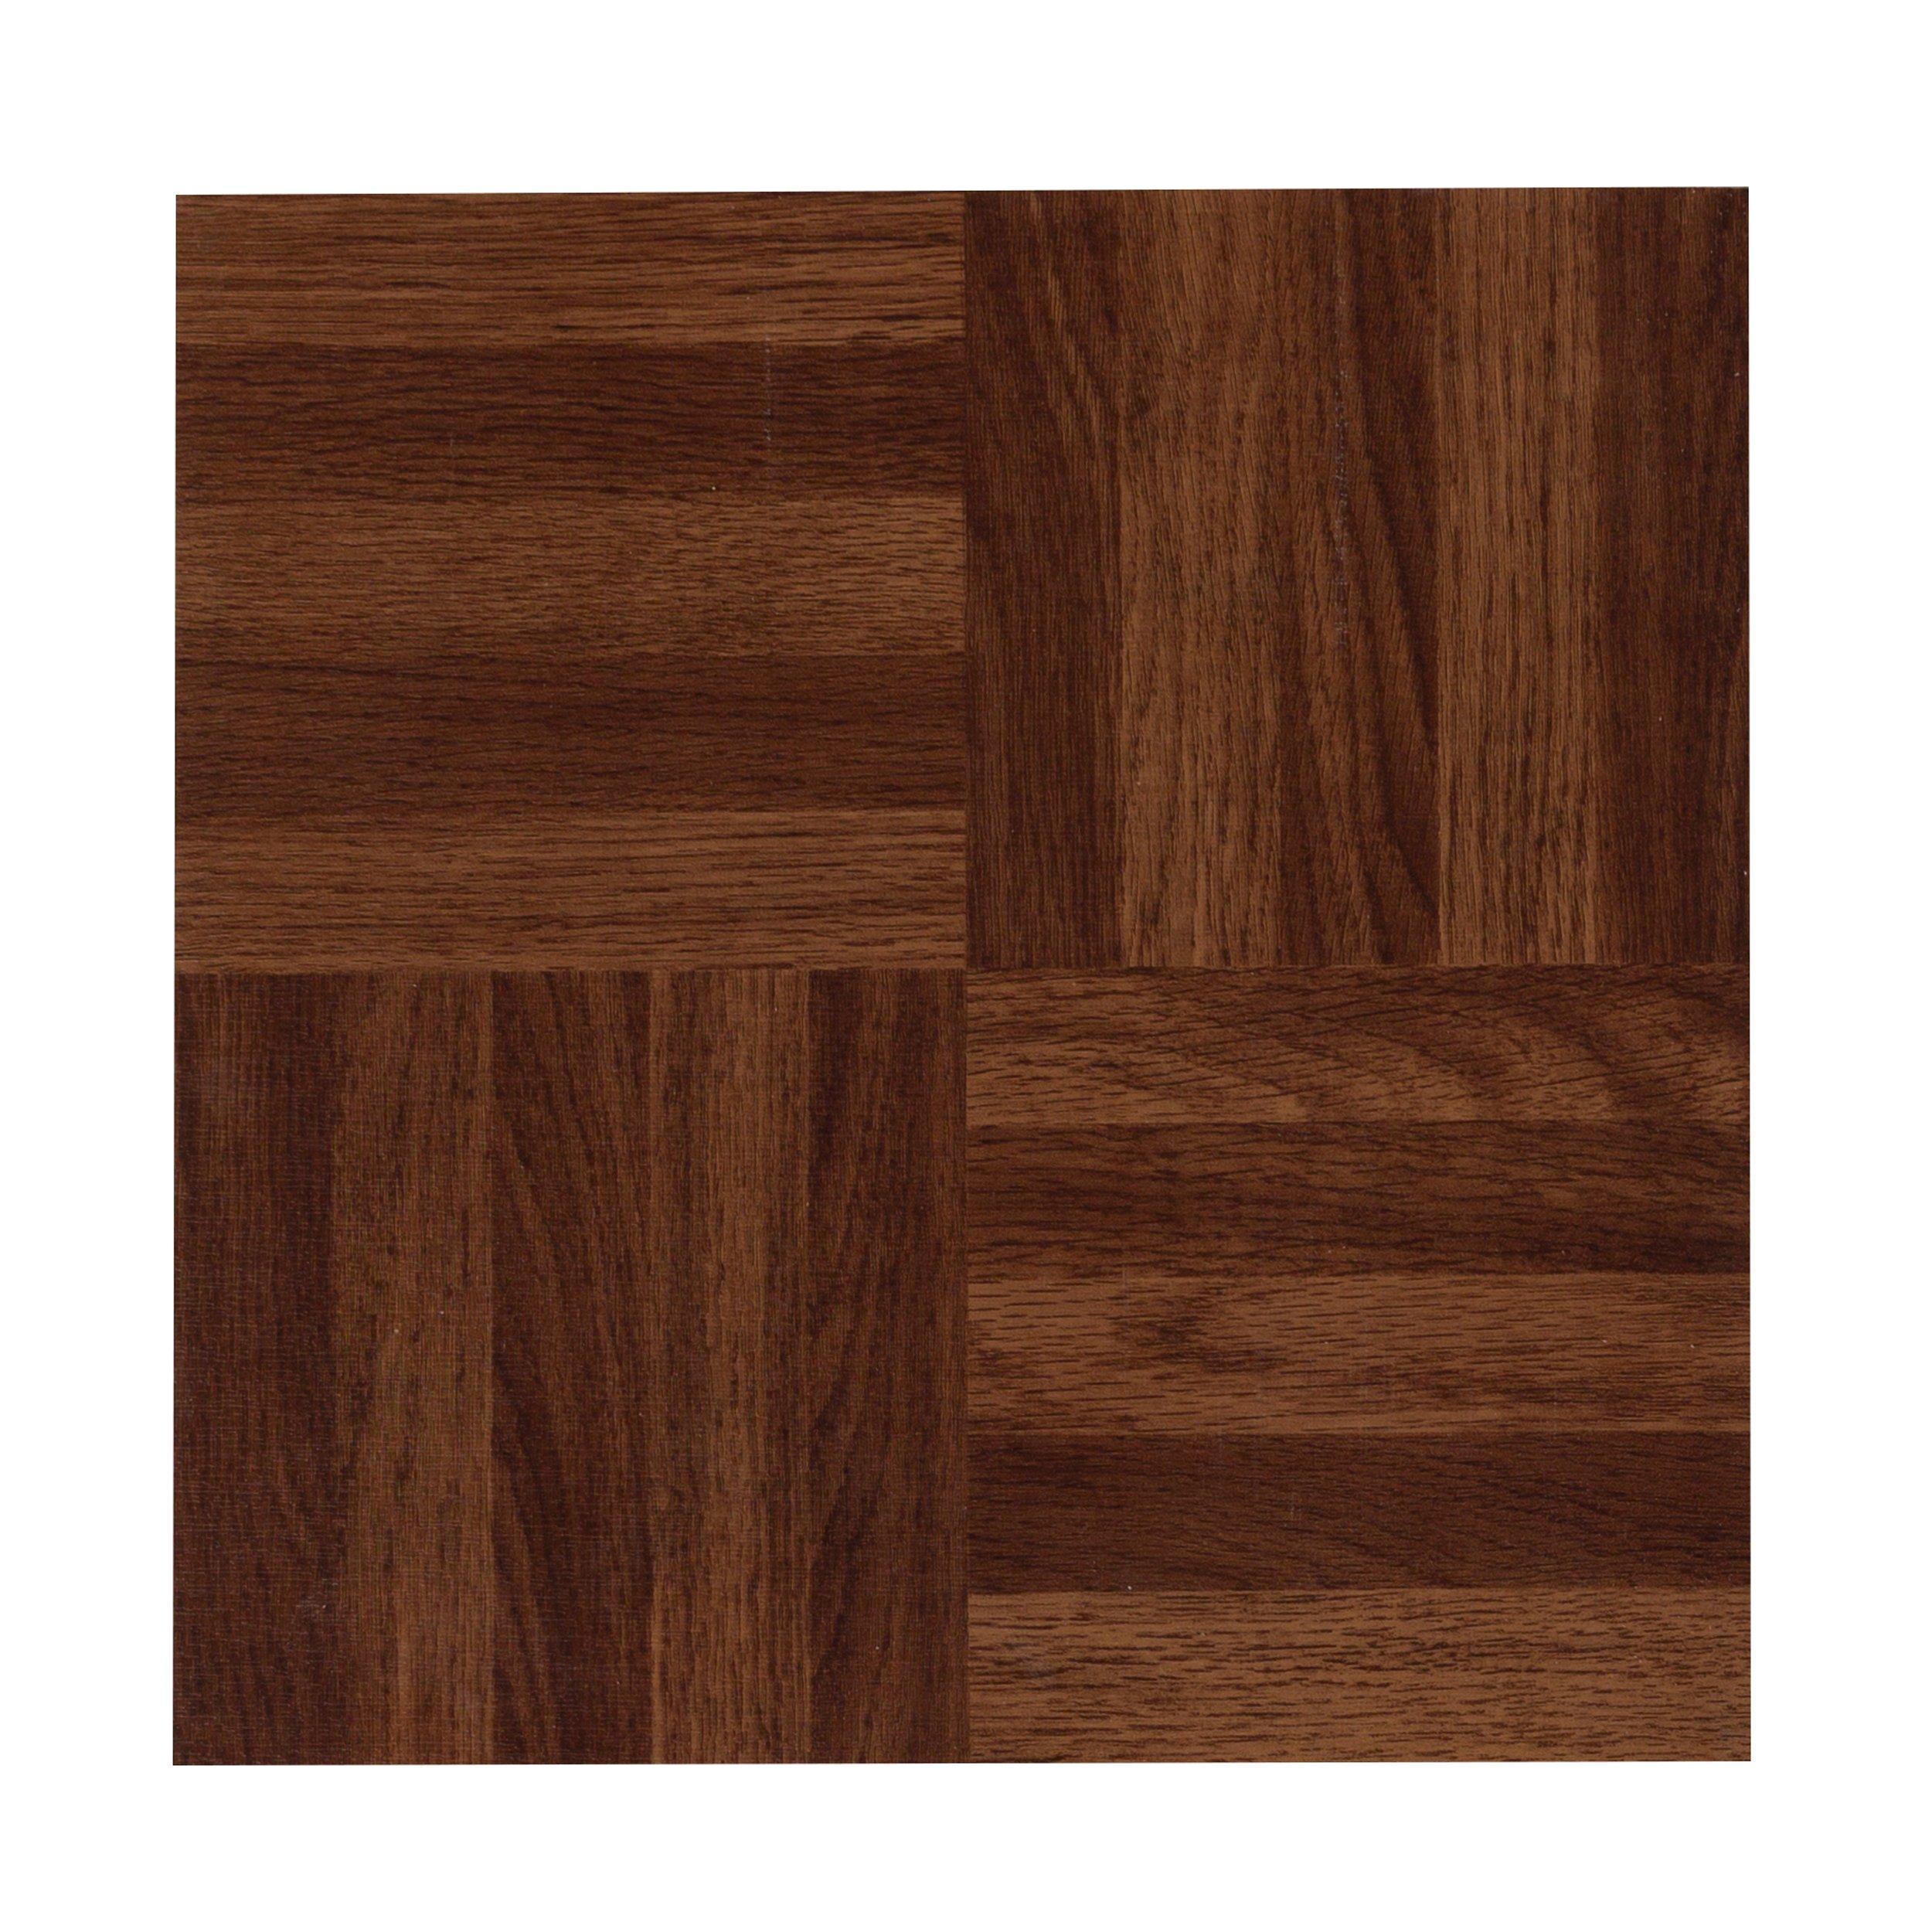 Parquet Red Luxury Vinyl Tile 12in X 12in 100376961 Floor